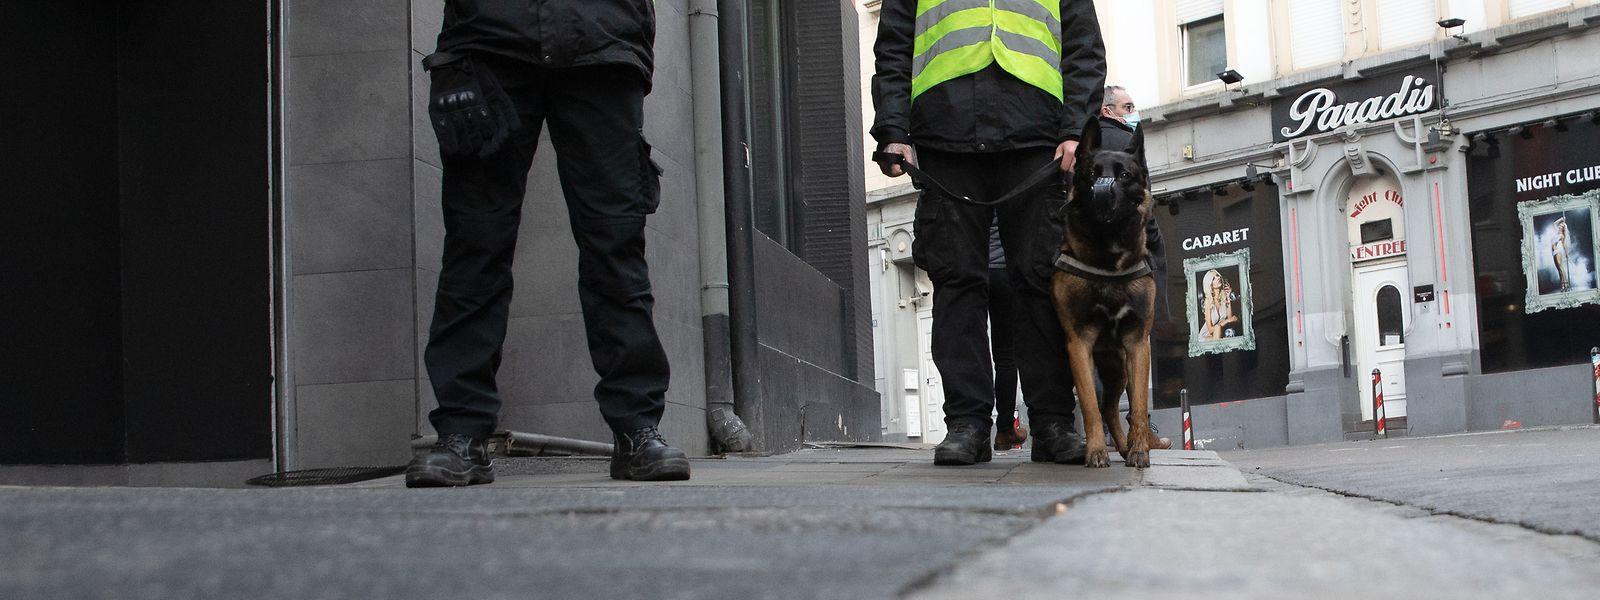 Si les pouvoirs des sociétés de sécurité ne sont pas clairement définis, seule la police peut faire usage de la force.